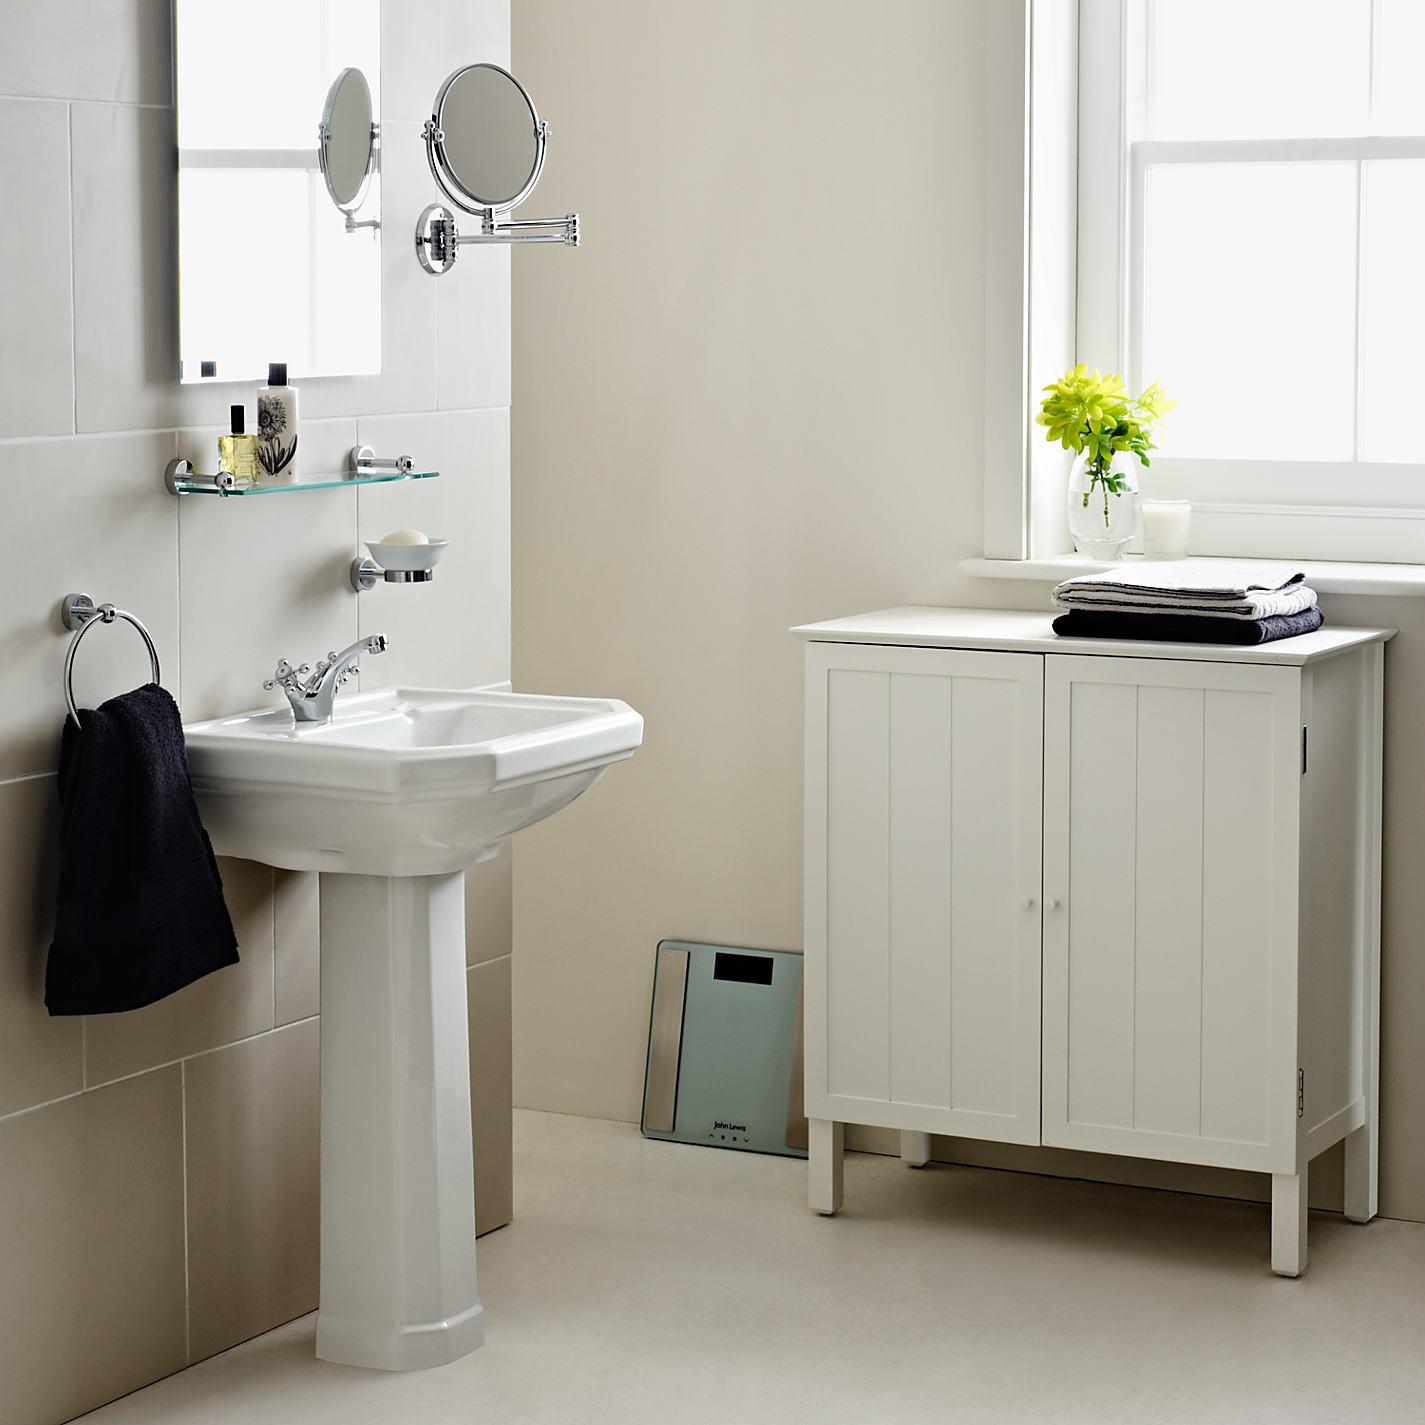 Bathroom fittings online purchase -  Buy John Lewis Bevelled Edge Bathroom Mirror Online At Johnlewis Com